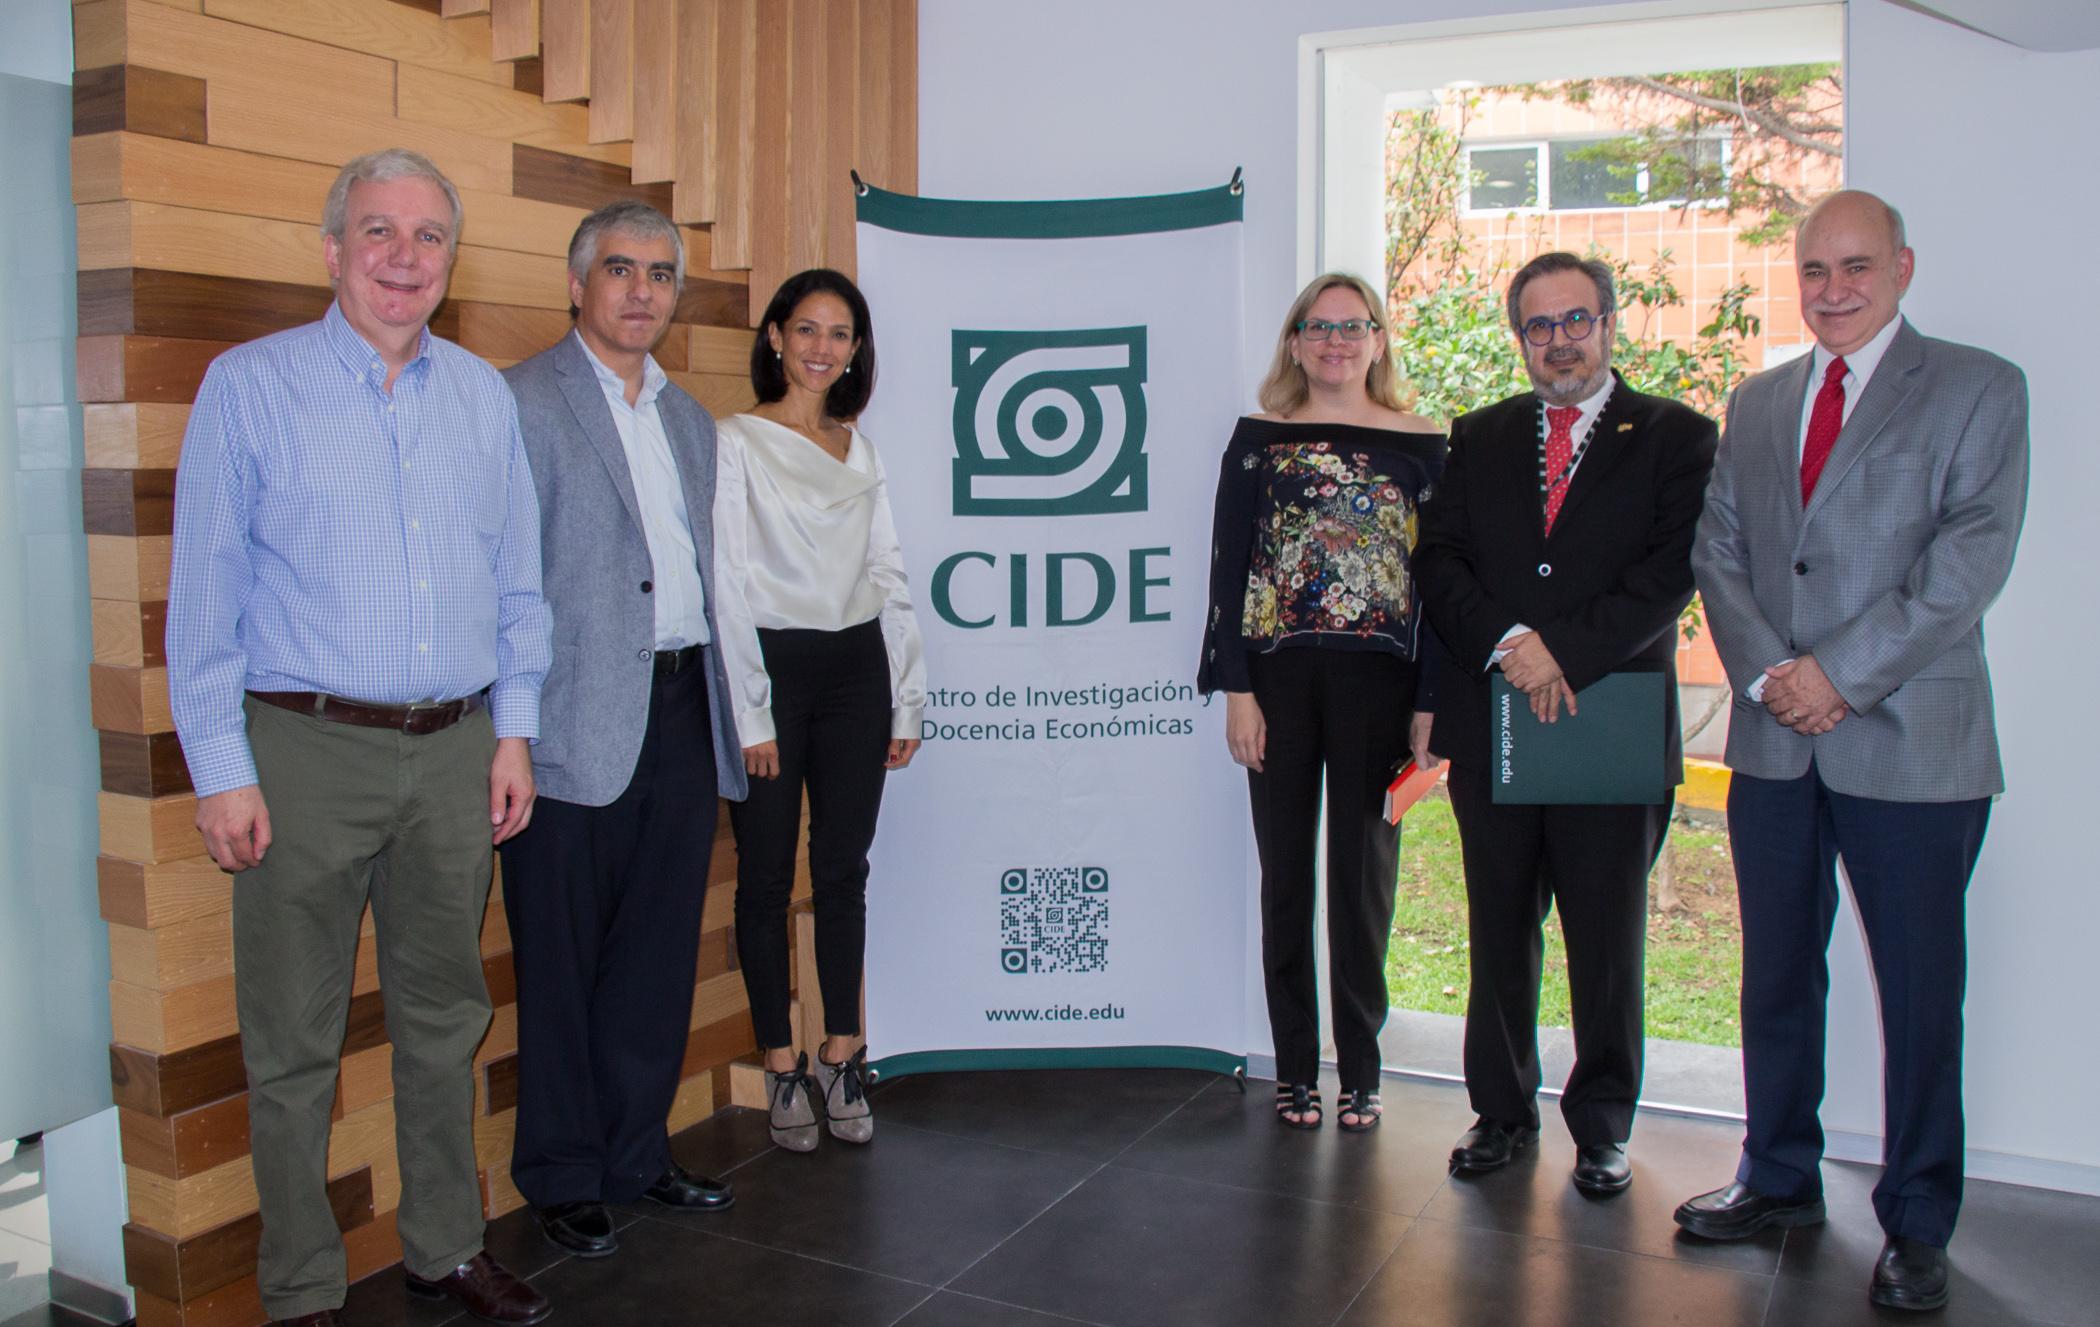 Apoya CIDE a Guanajuato en la construcción de un Observatorio de Indicadores